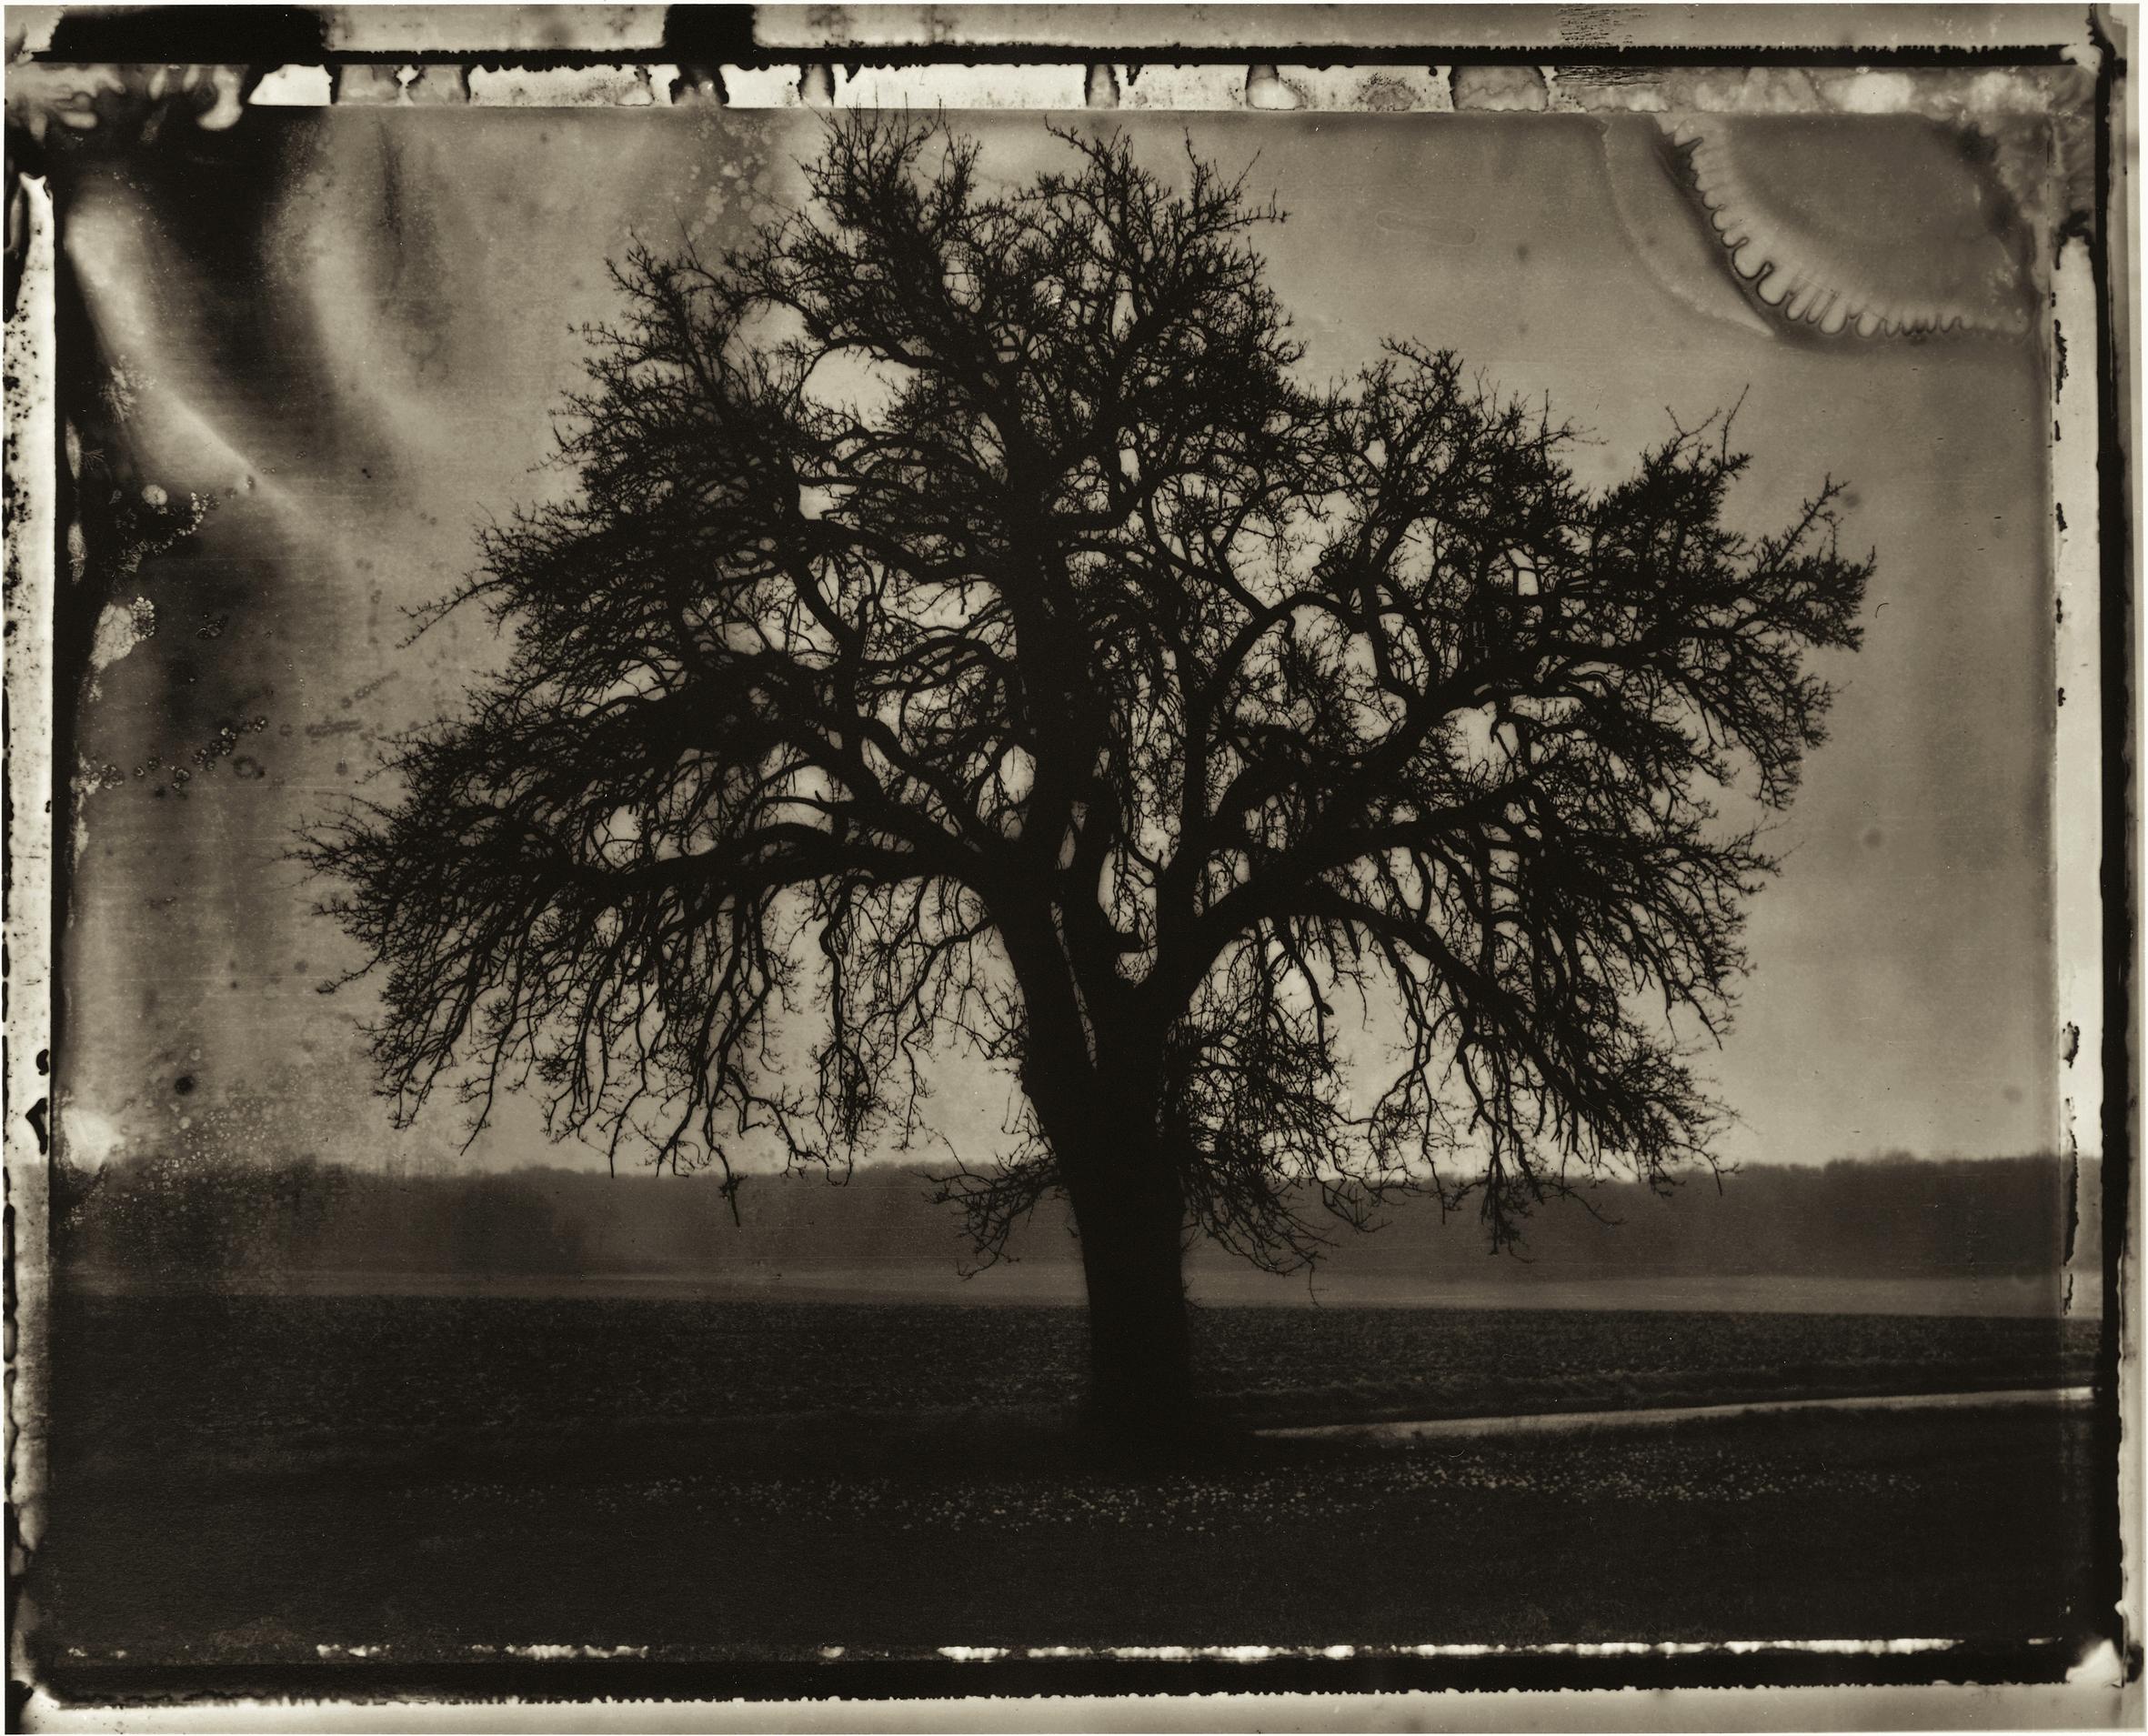 1.Sarah Moon_The Pear Tree_1992